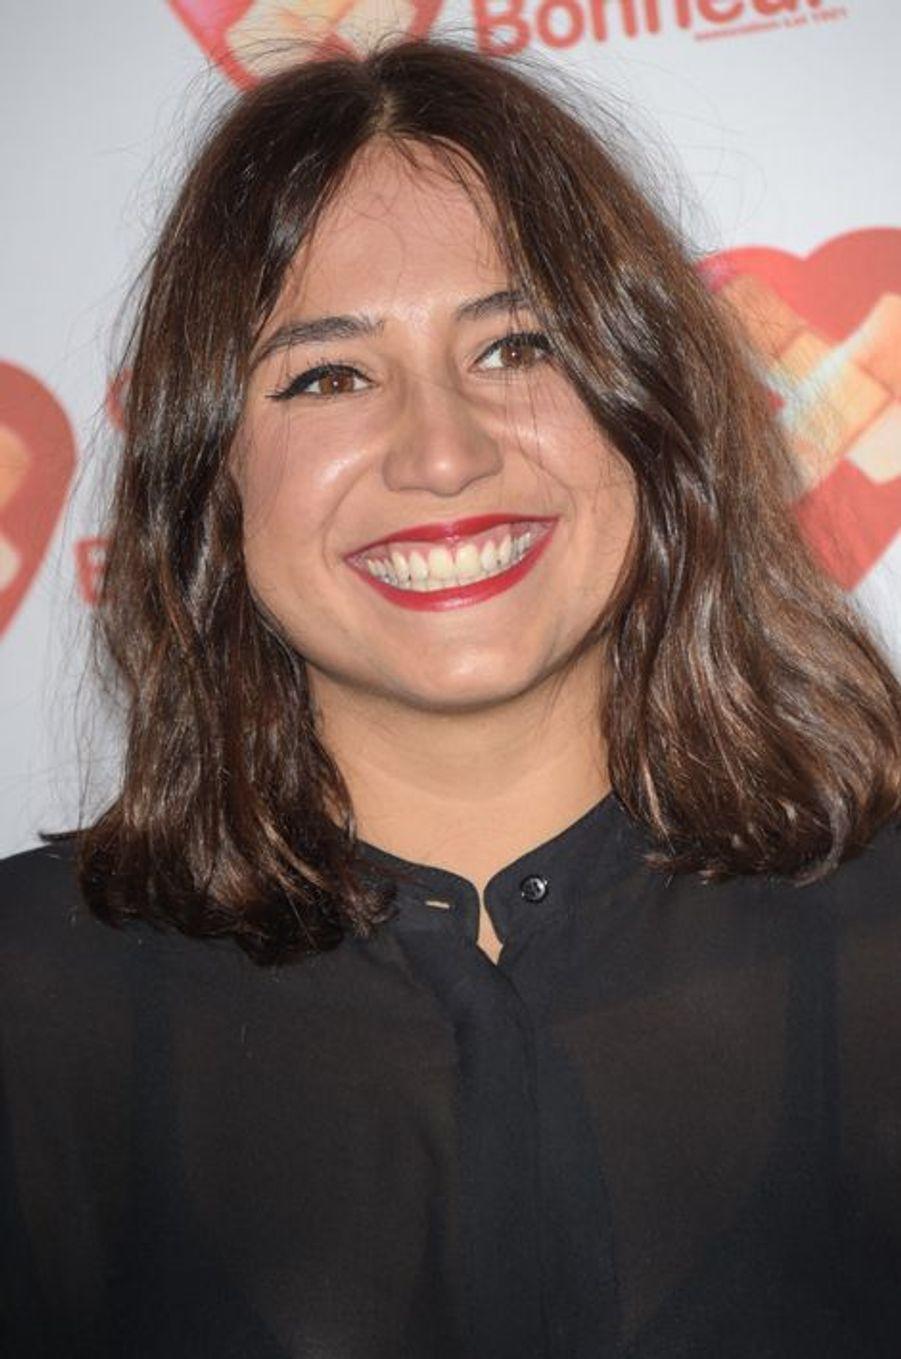 Izia Higelin à Paris le 14 octobre 2014